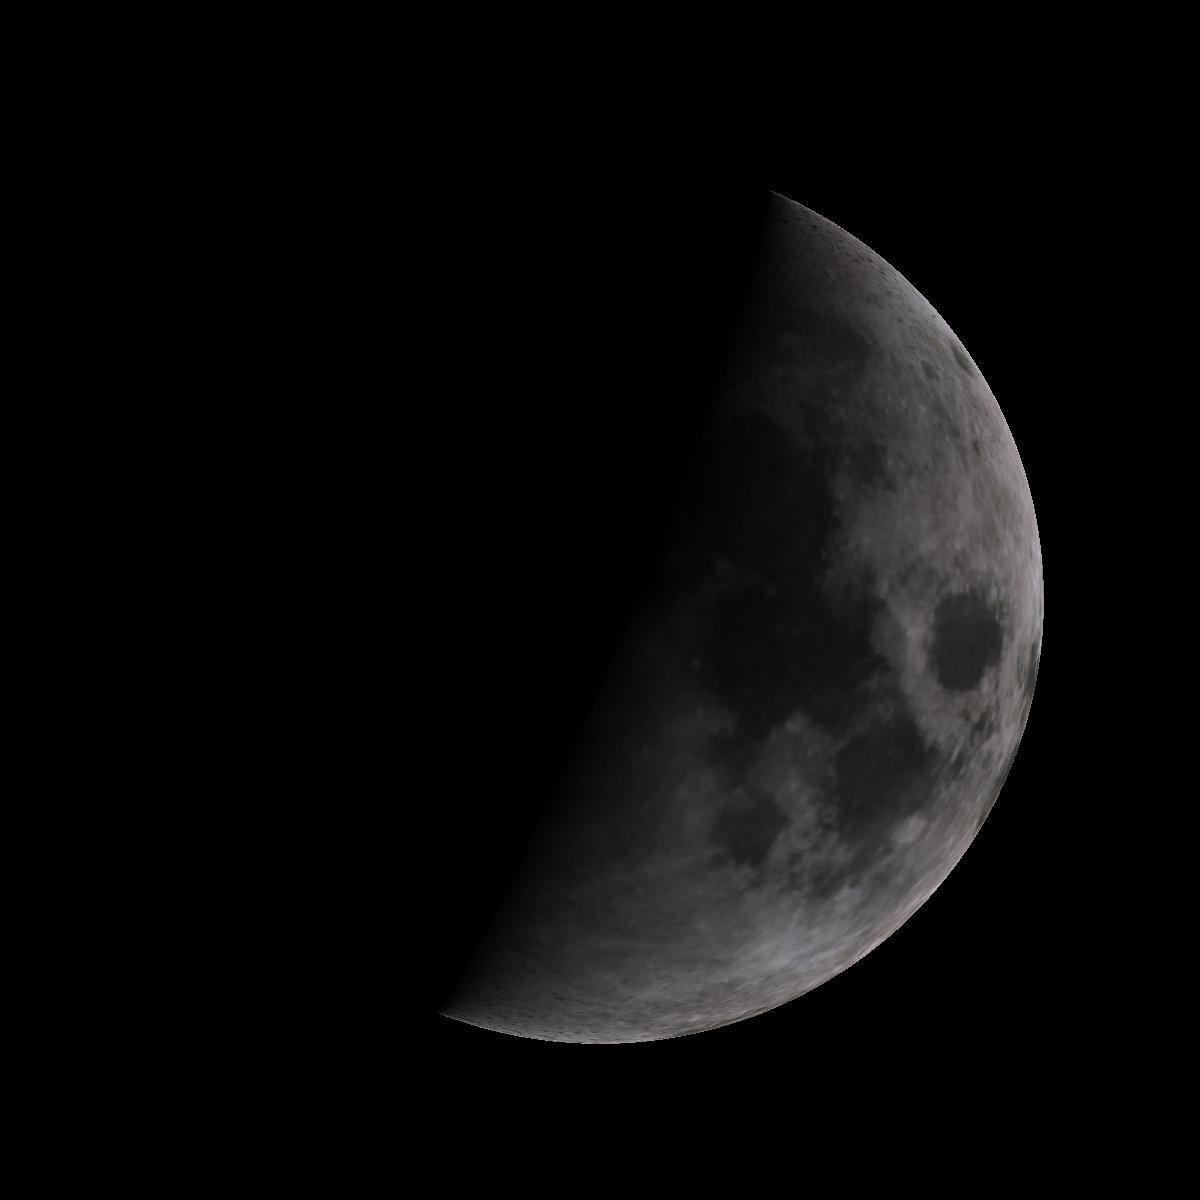 Lune du 4 décembre 2019